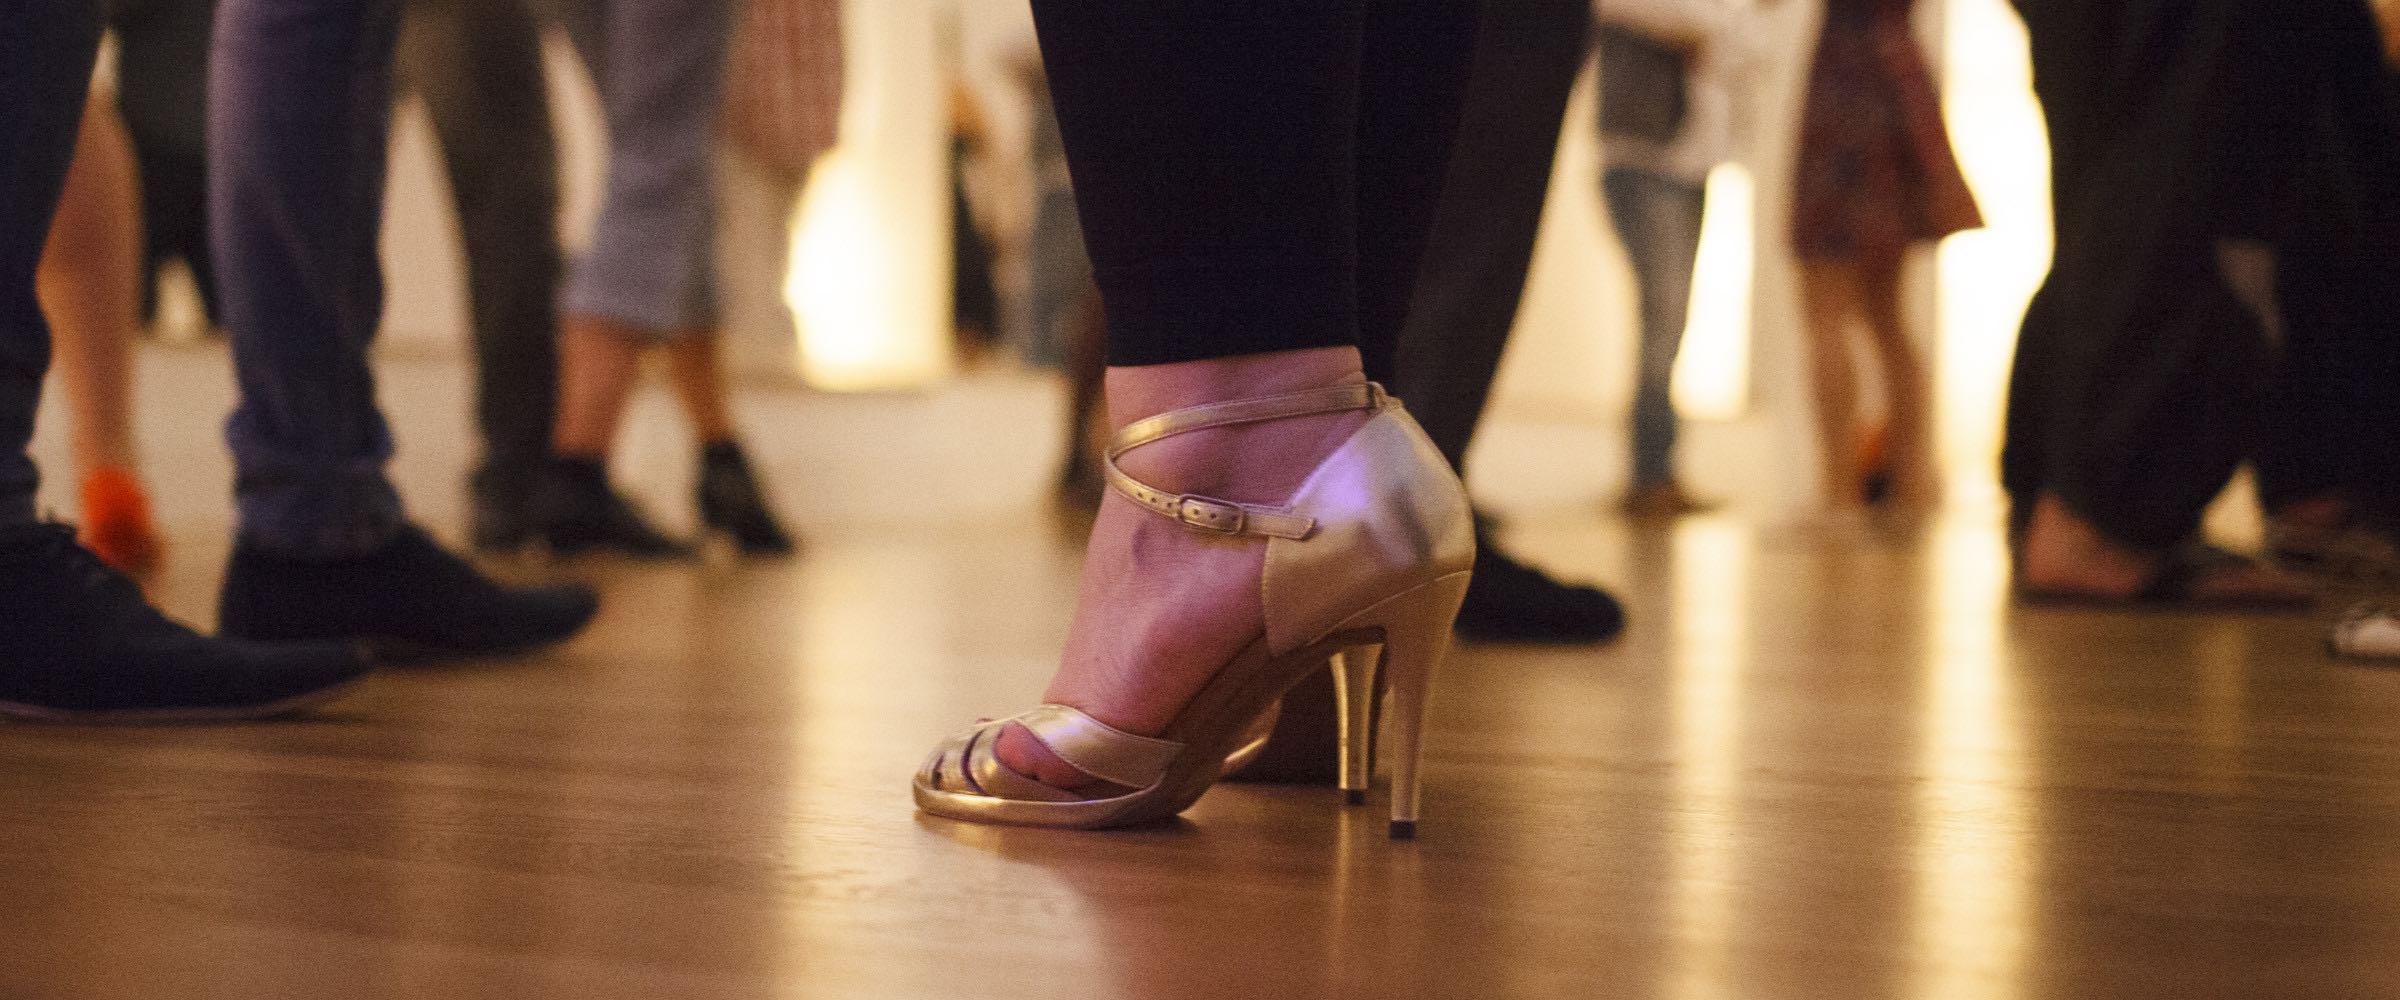 Modern Jive offener Tanzkurs - jederzeit anfangen - auch ohne Tanzpartner